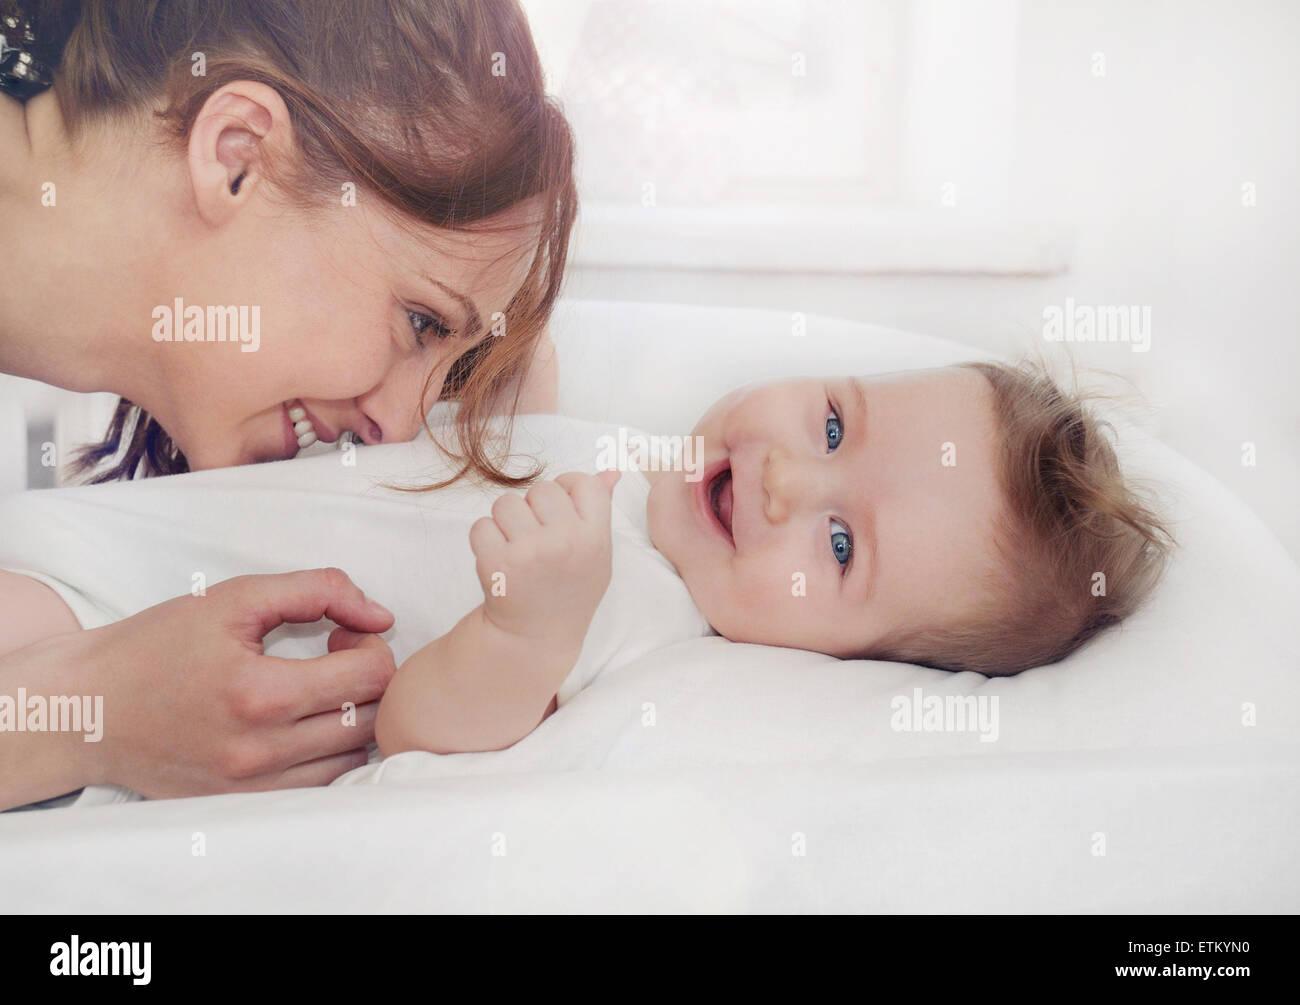 La madre e il suo neonato, concetto di maternità, soft immagine della bella famiglia Immagini Stock